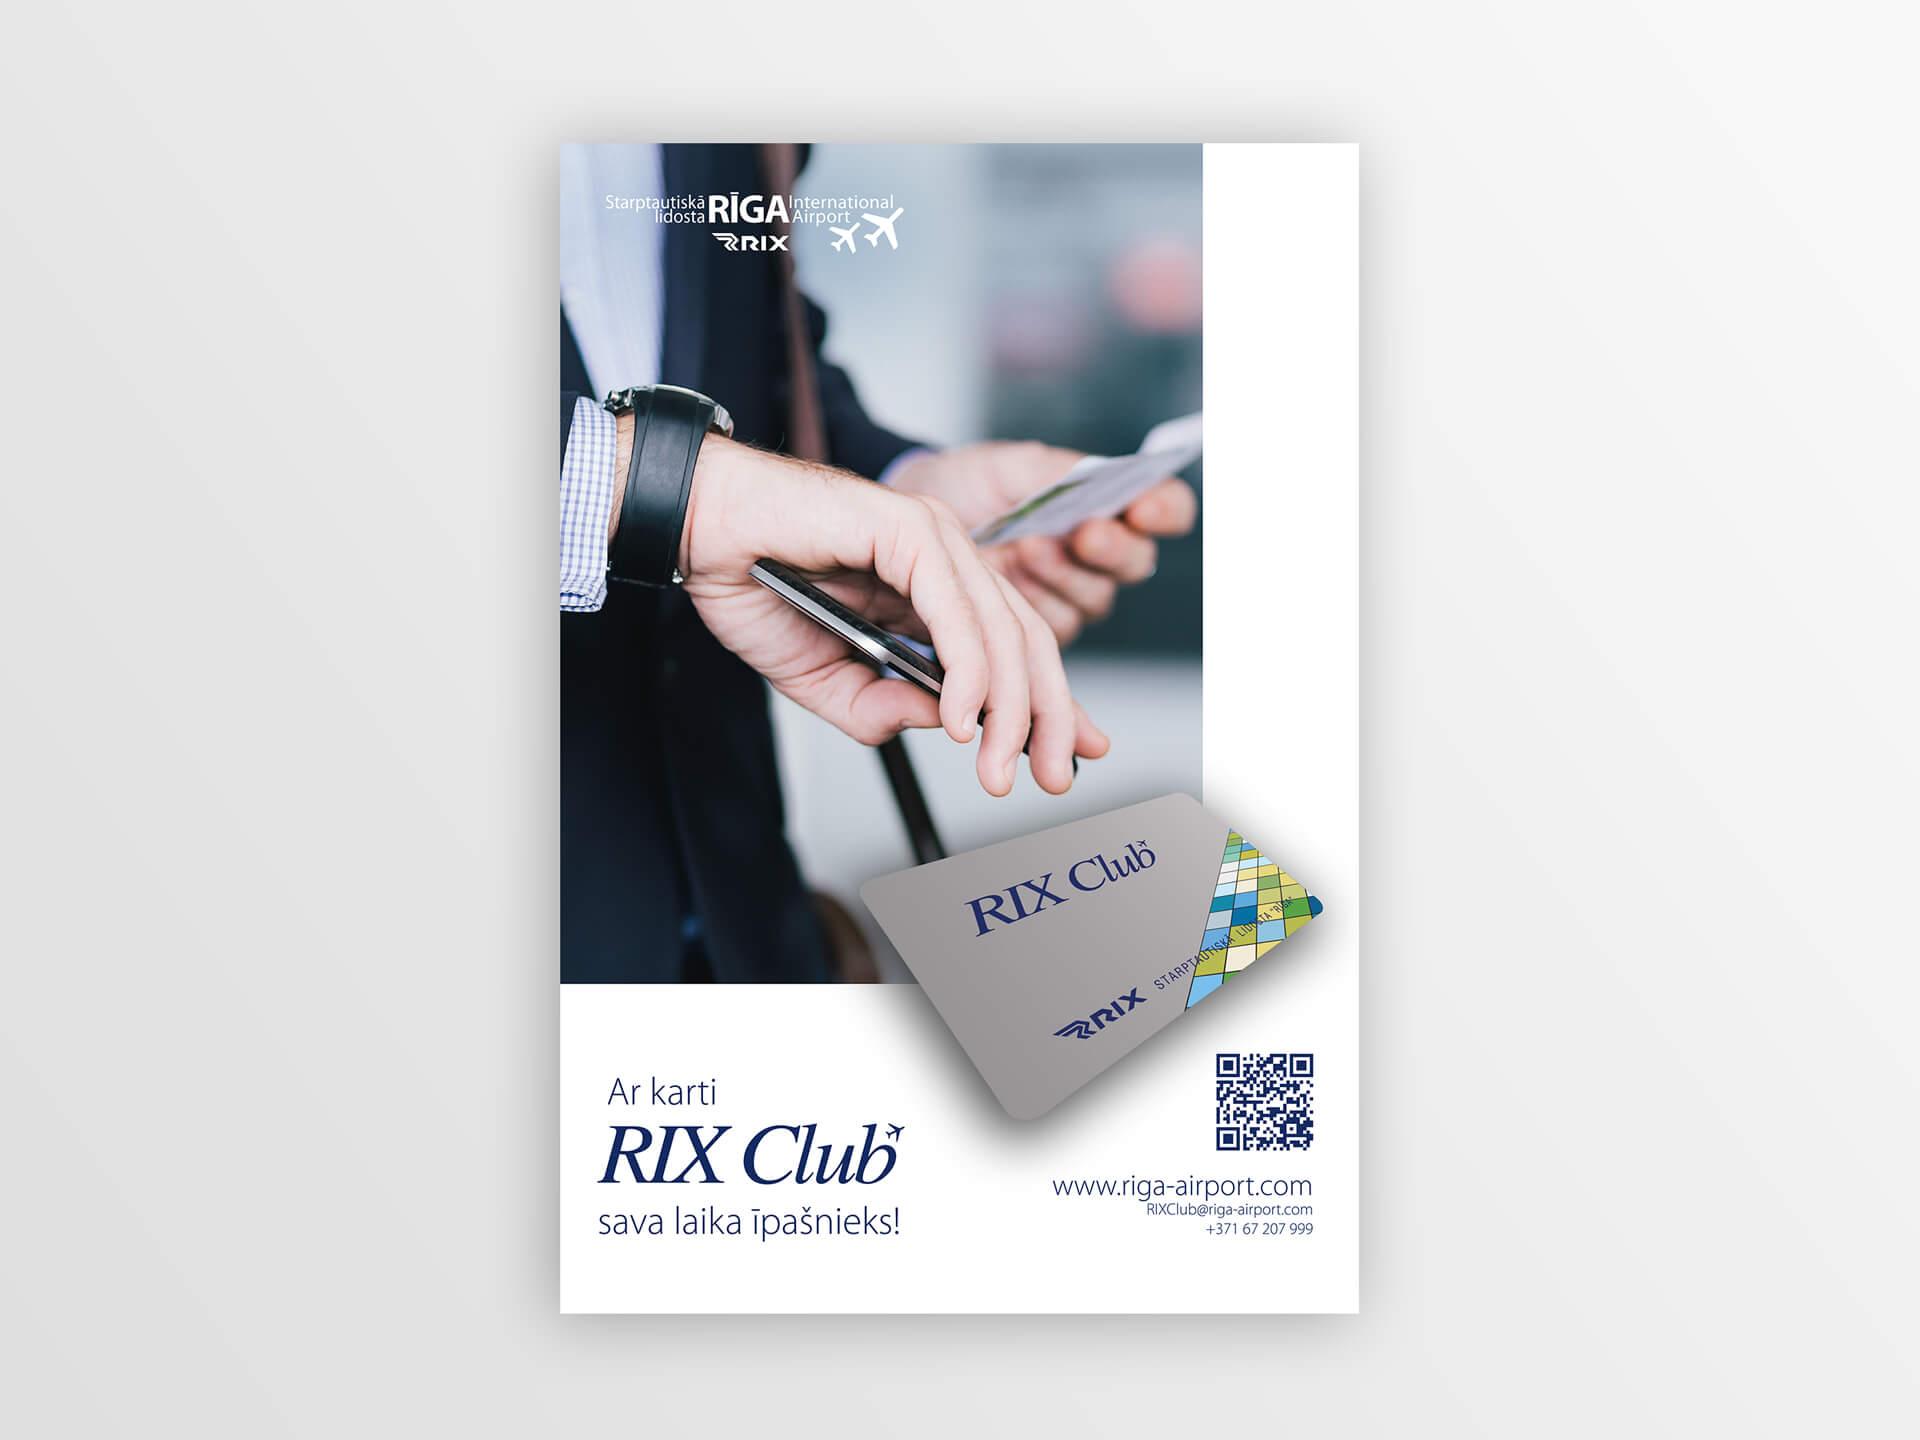 LV-RIX-Club-karte-A4_1920x1440